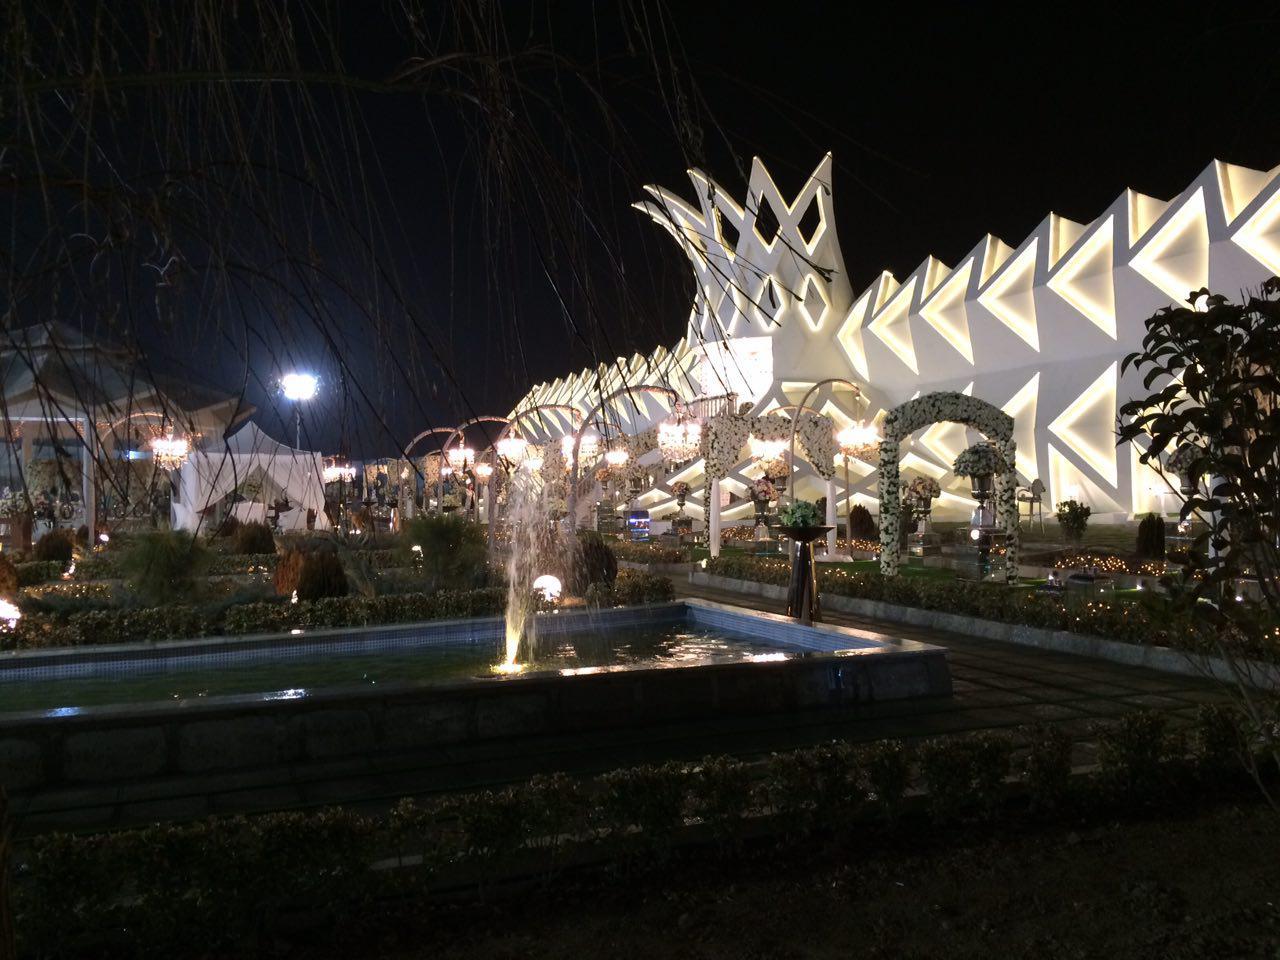 خدمات تشریفات پل در باغ تاج